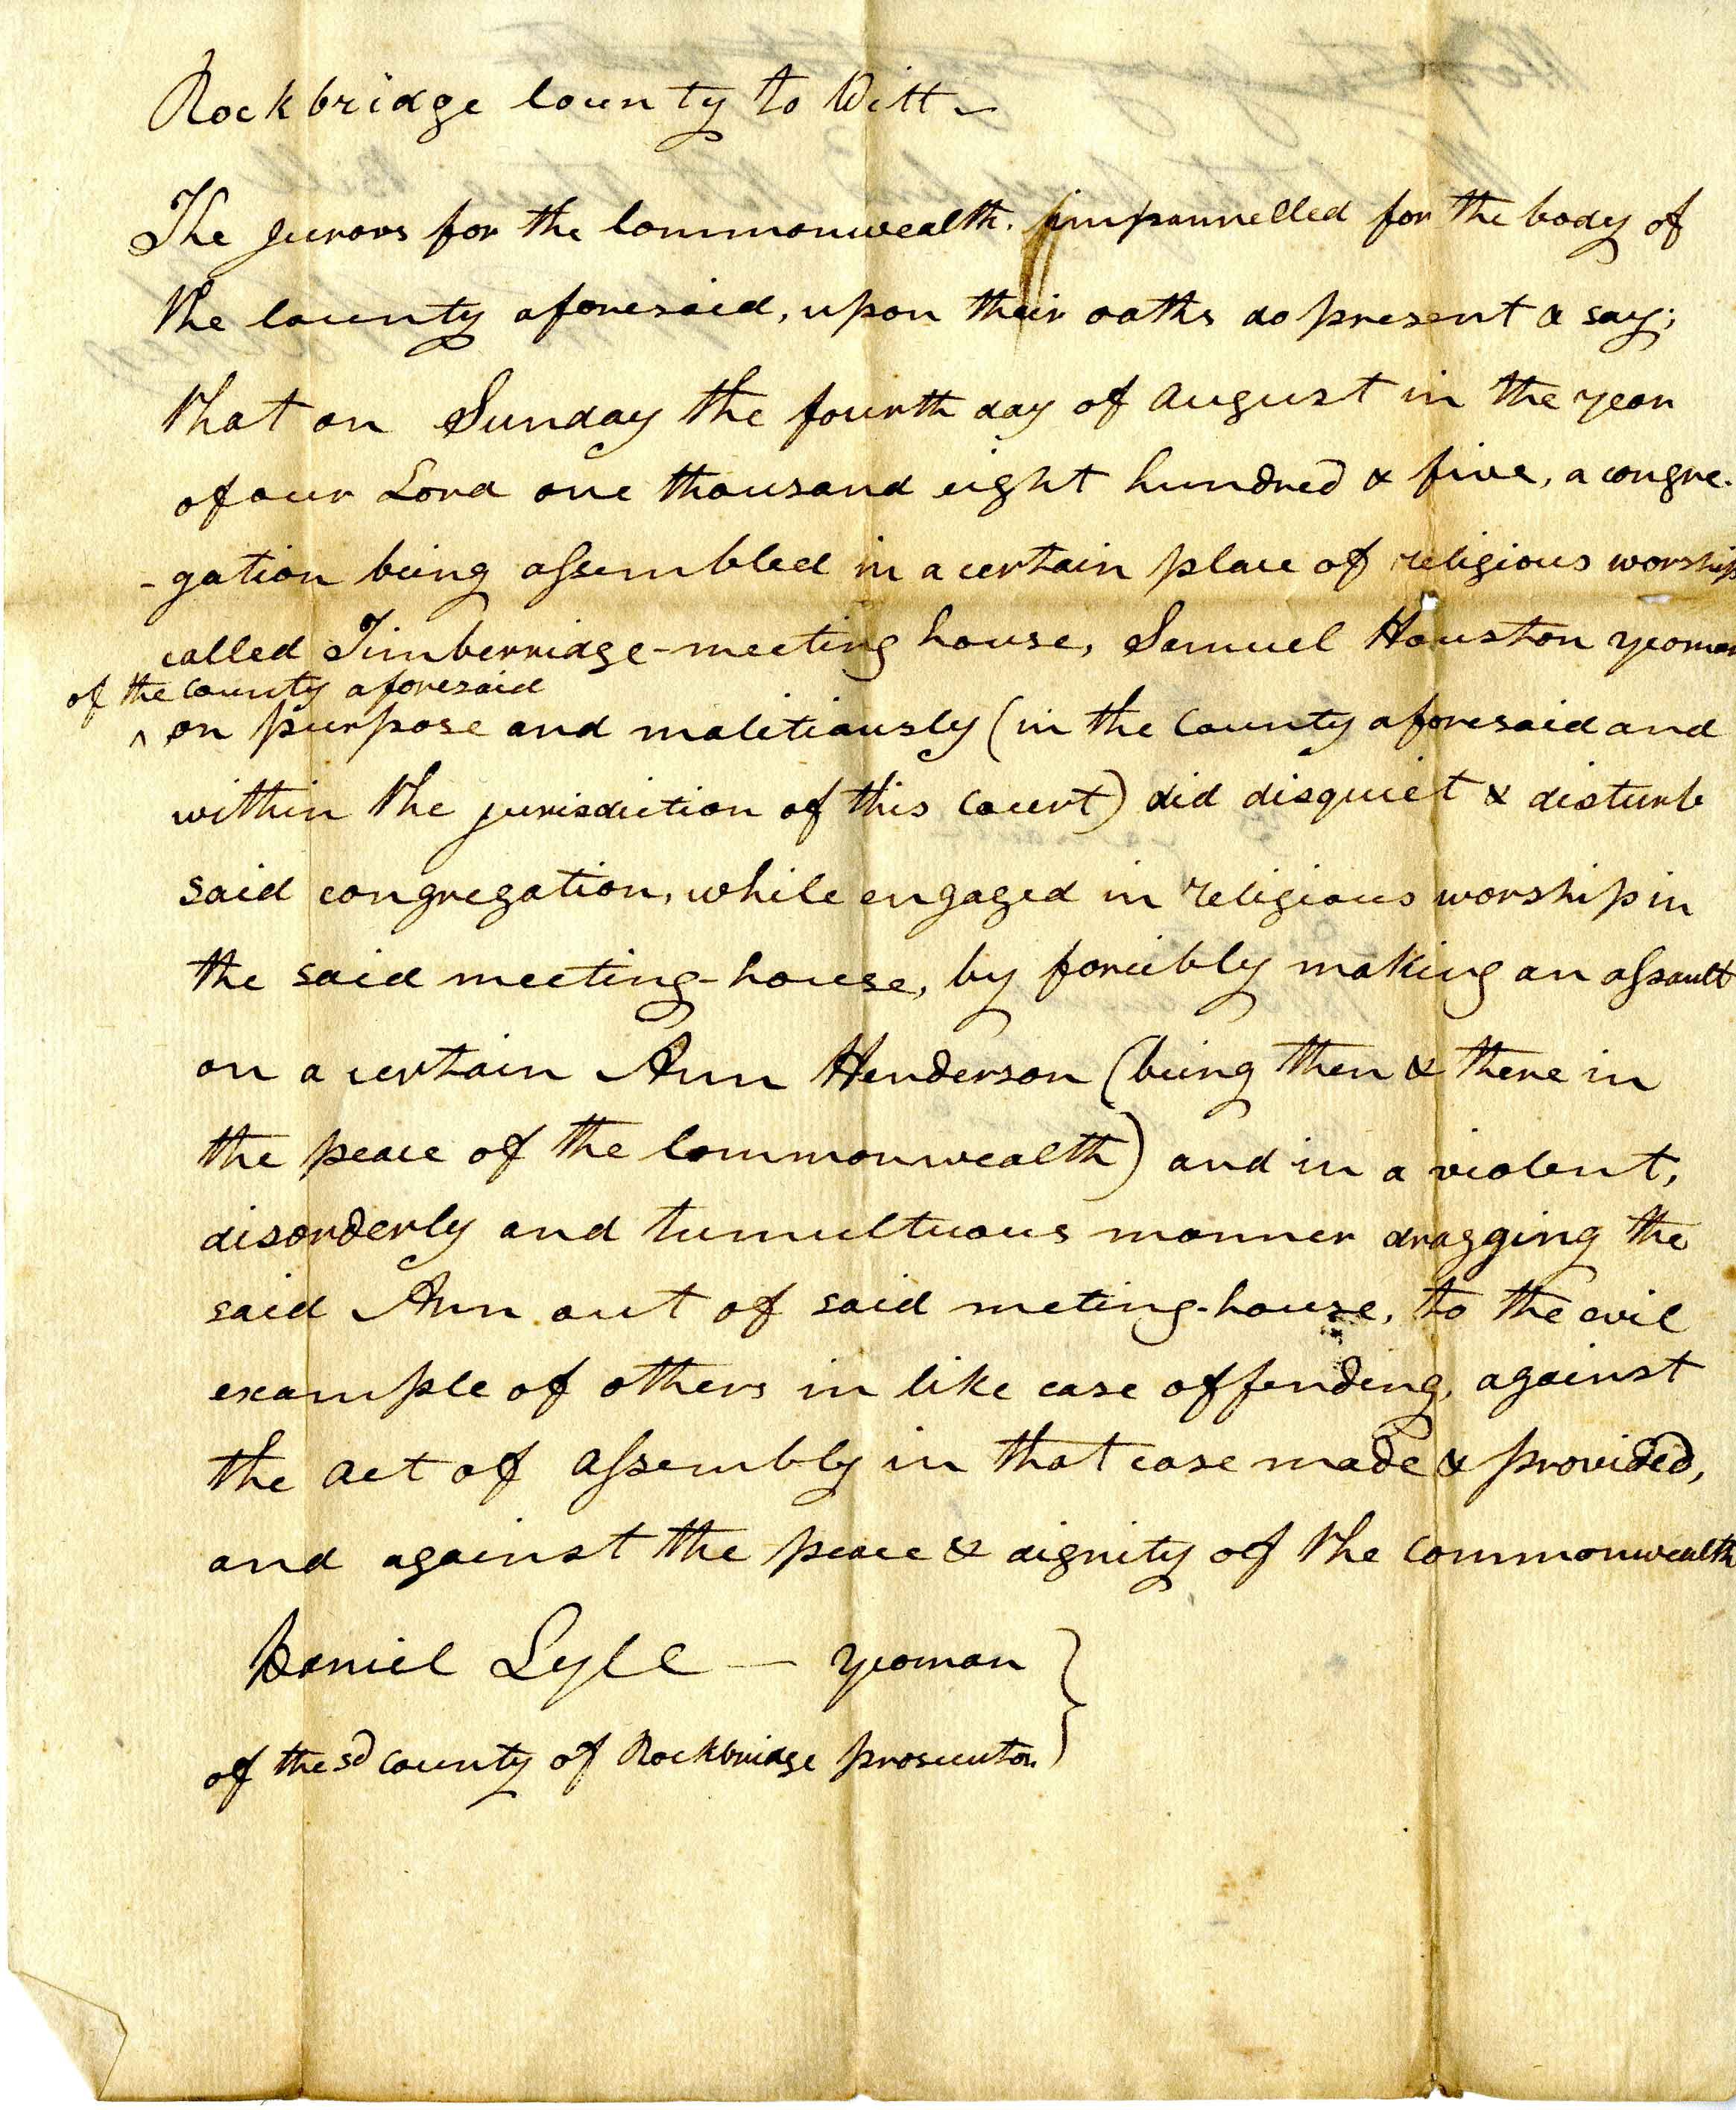 Ann Henderson v Samuel Houston, August 1805